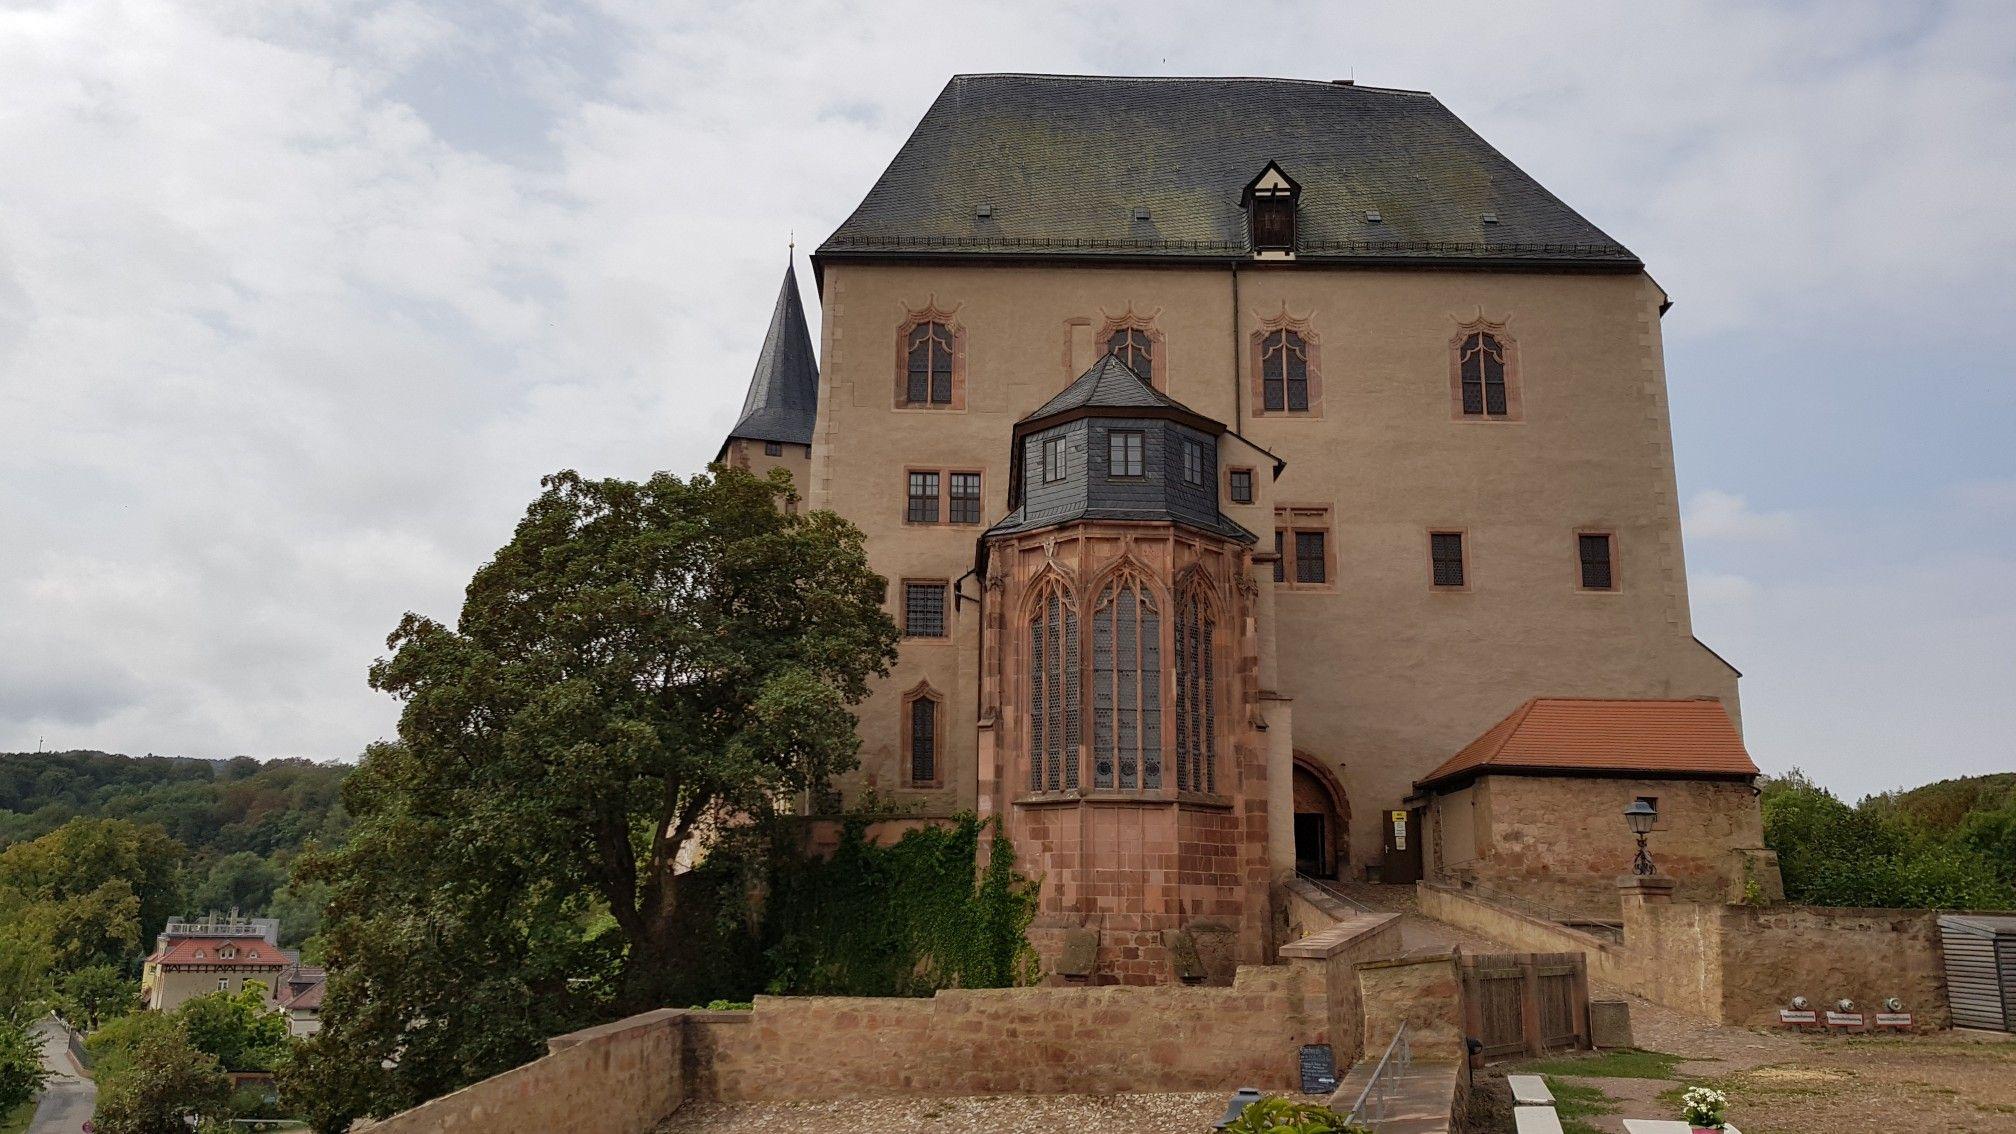 Schloss Rochlitz Deutschland Style At Home Anwesen Burg